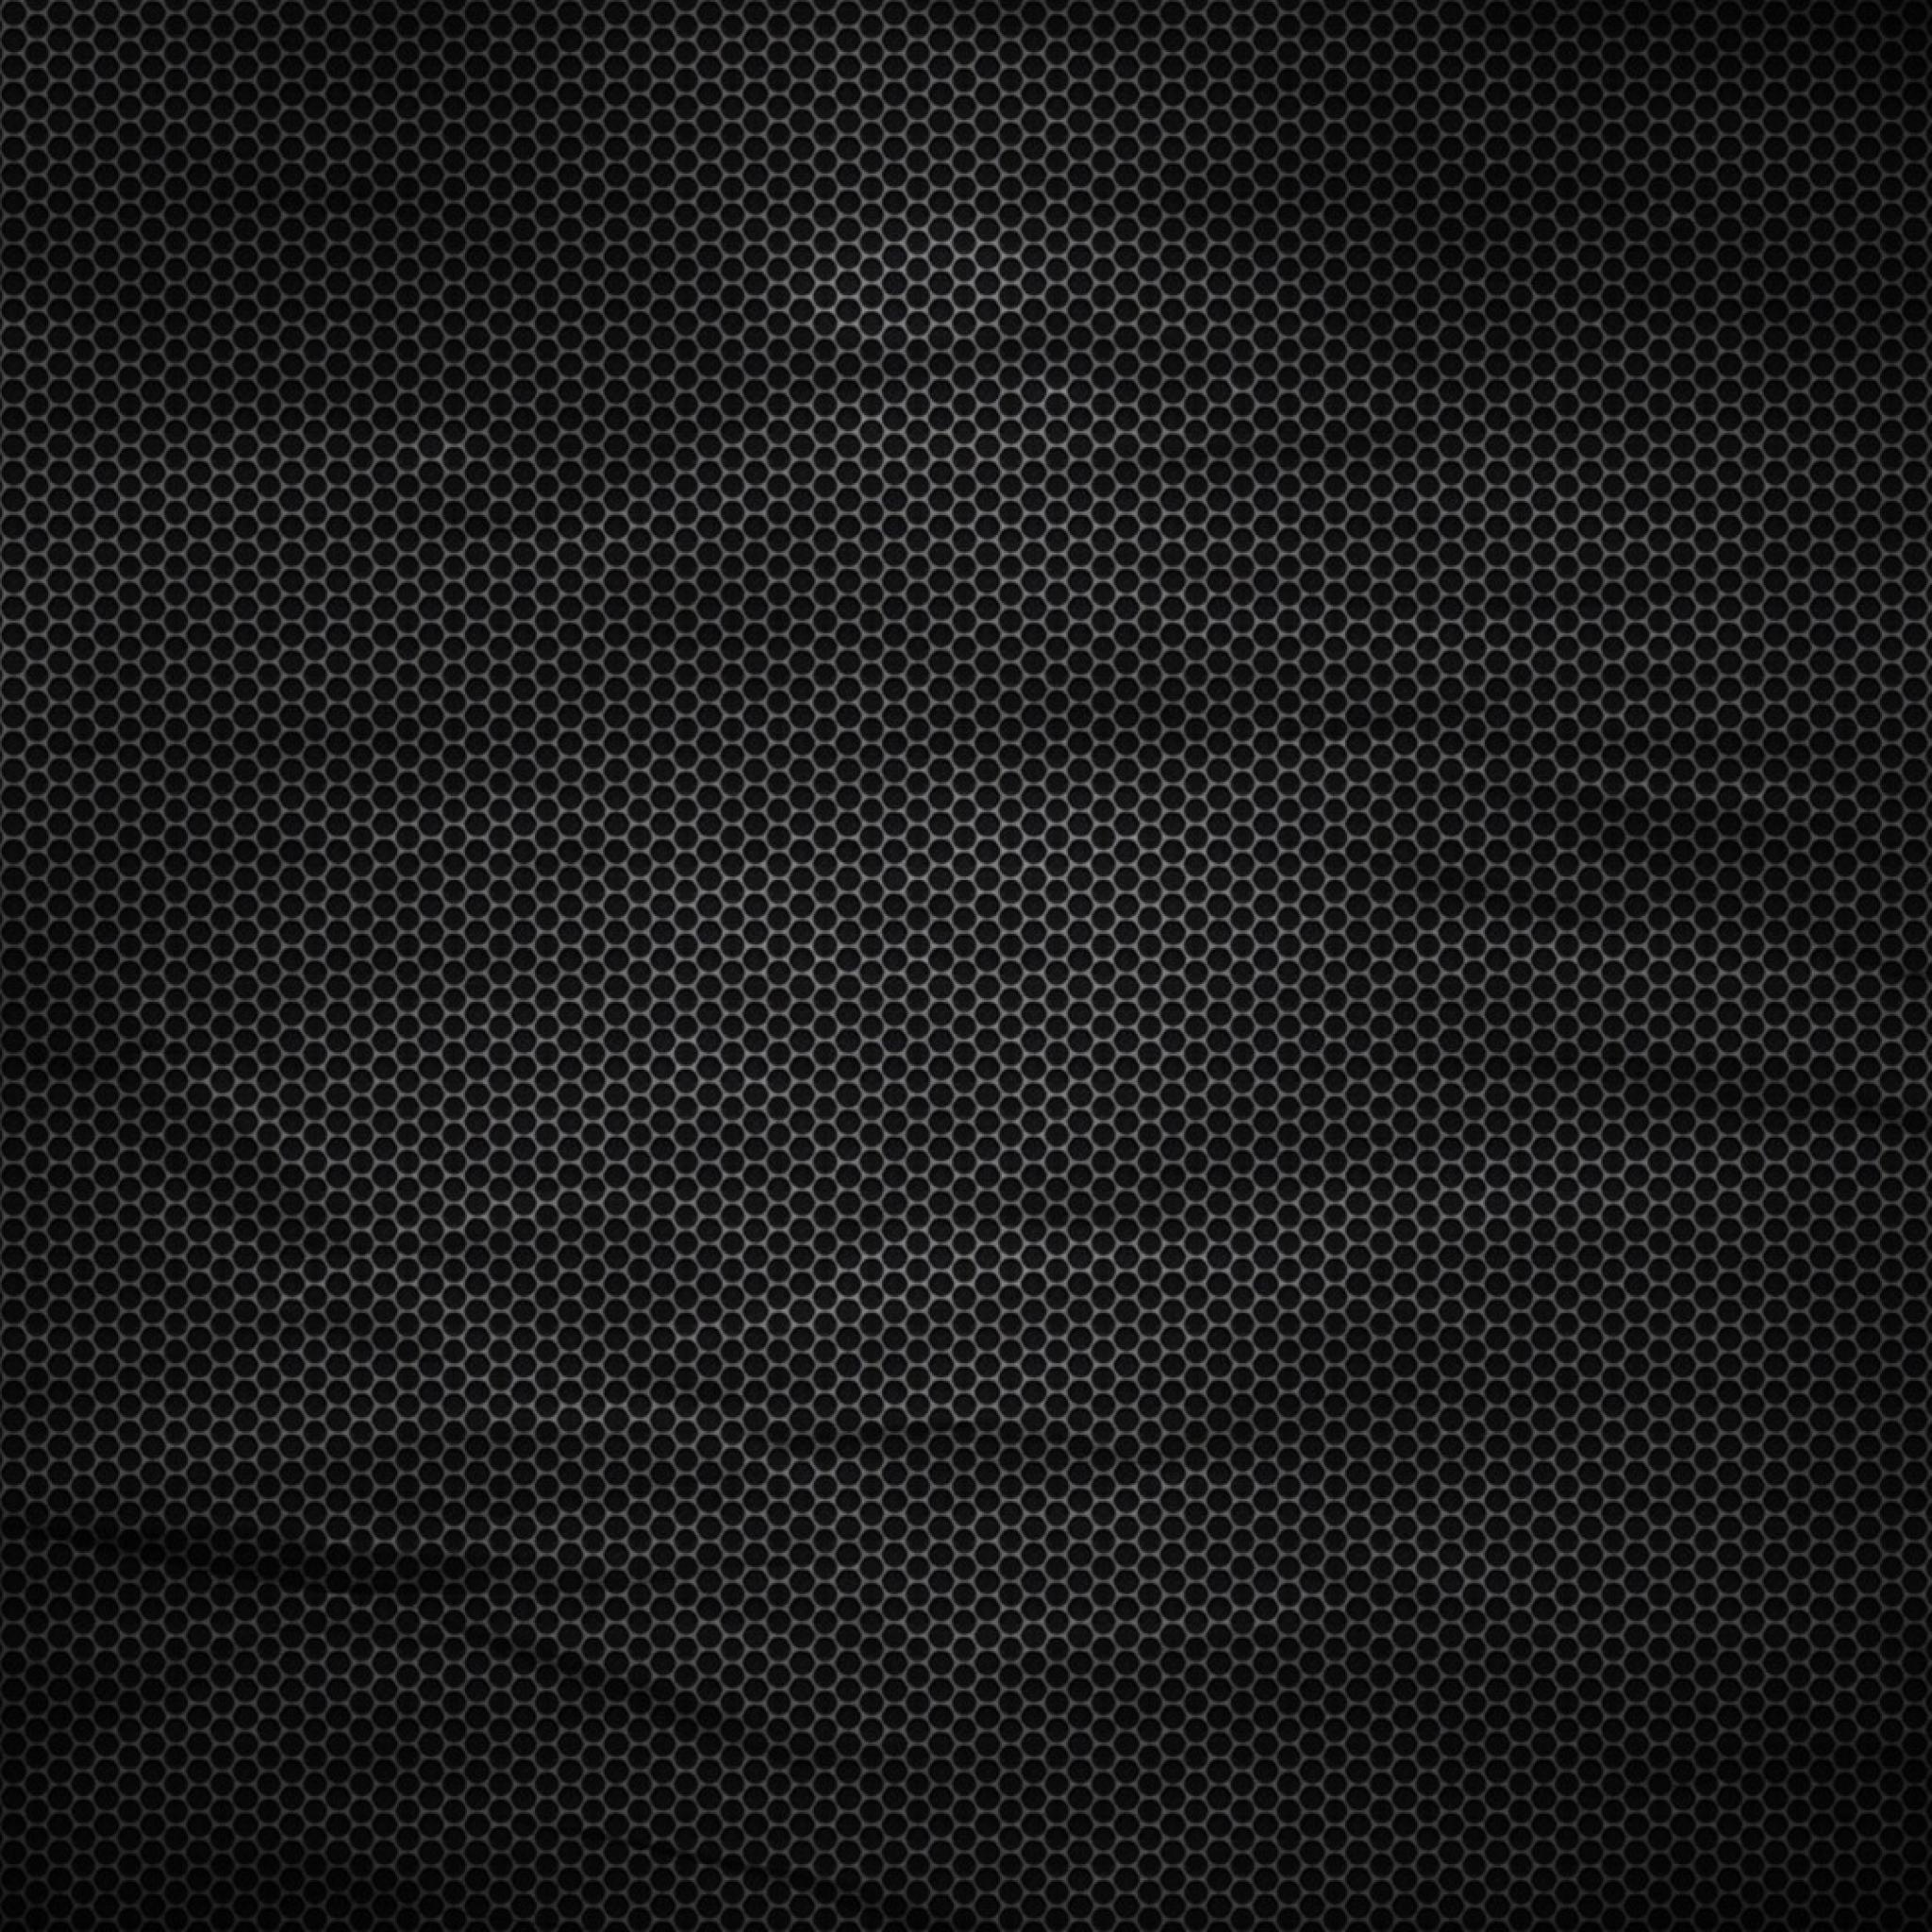 Size Dark Wallpaper Background New iPad Air 4 3 iPad mini Retina 2048x2048